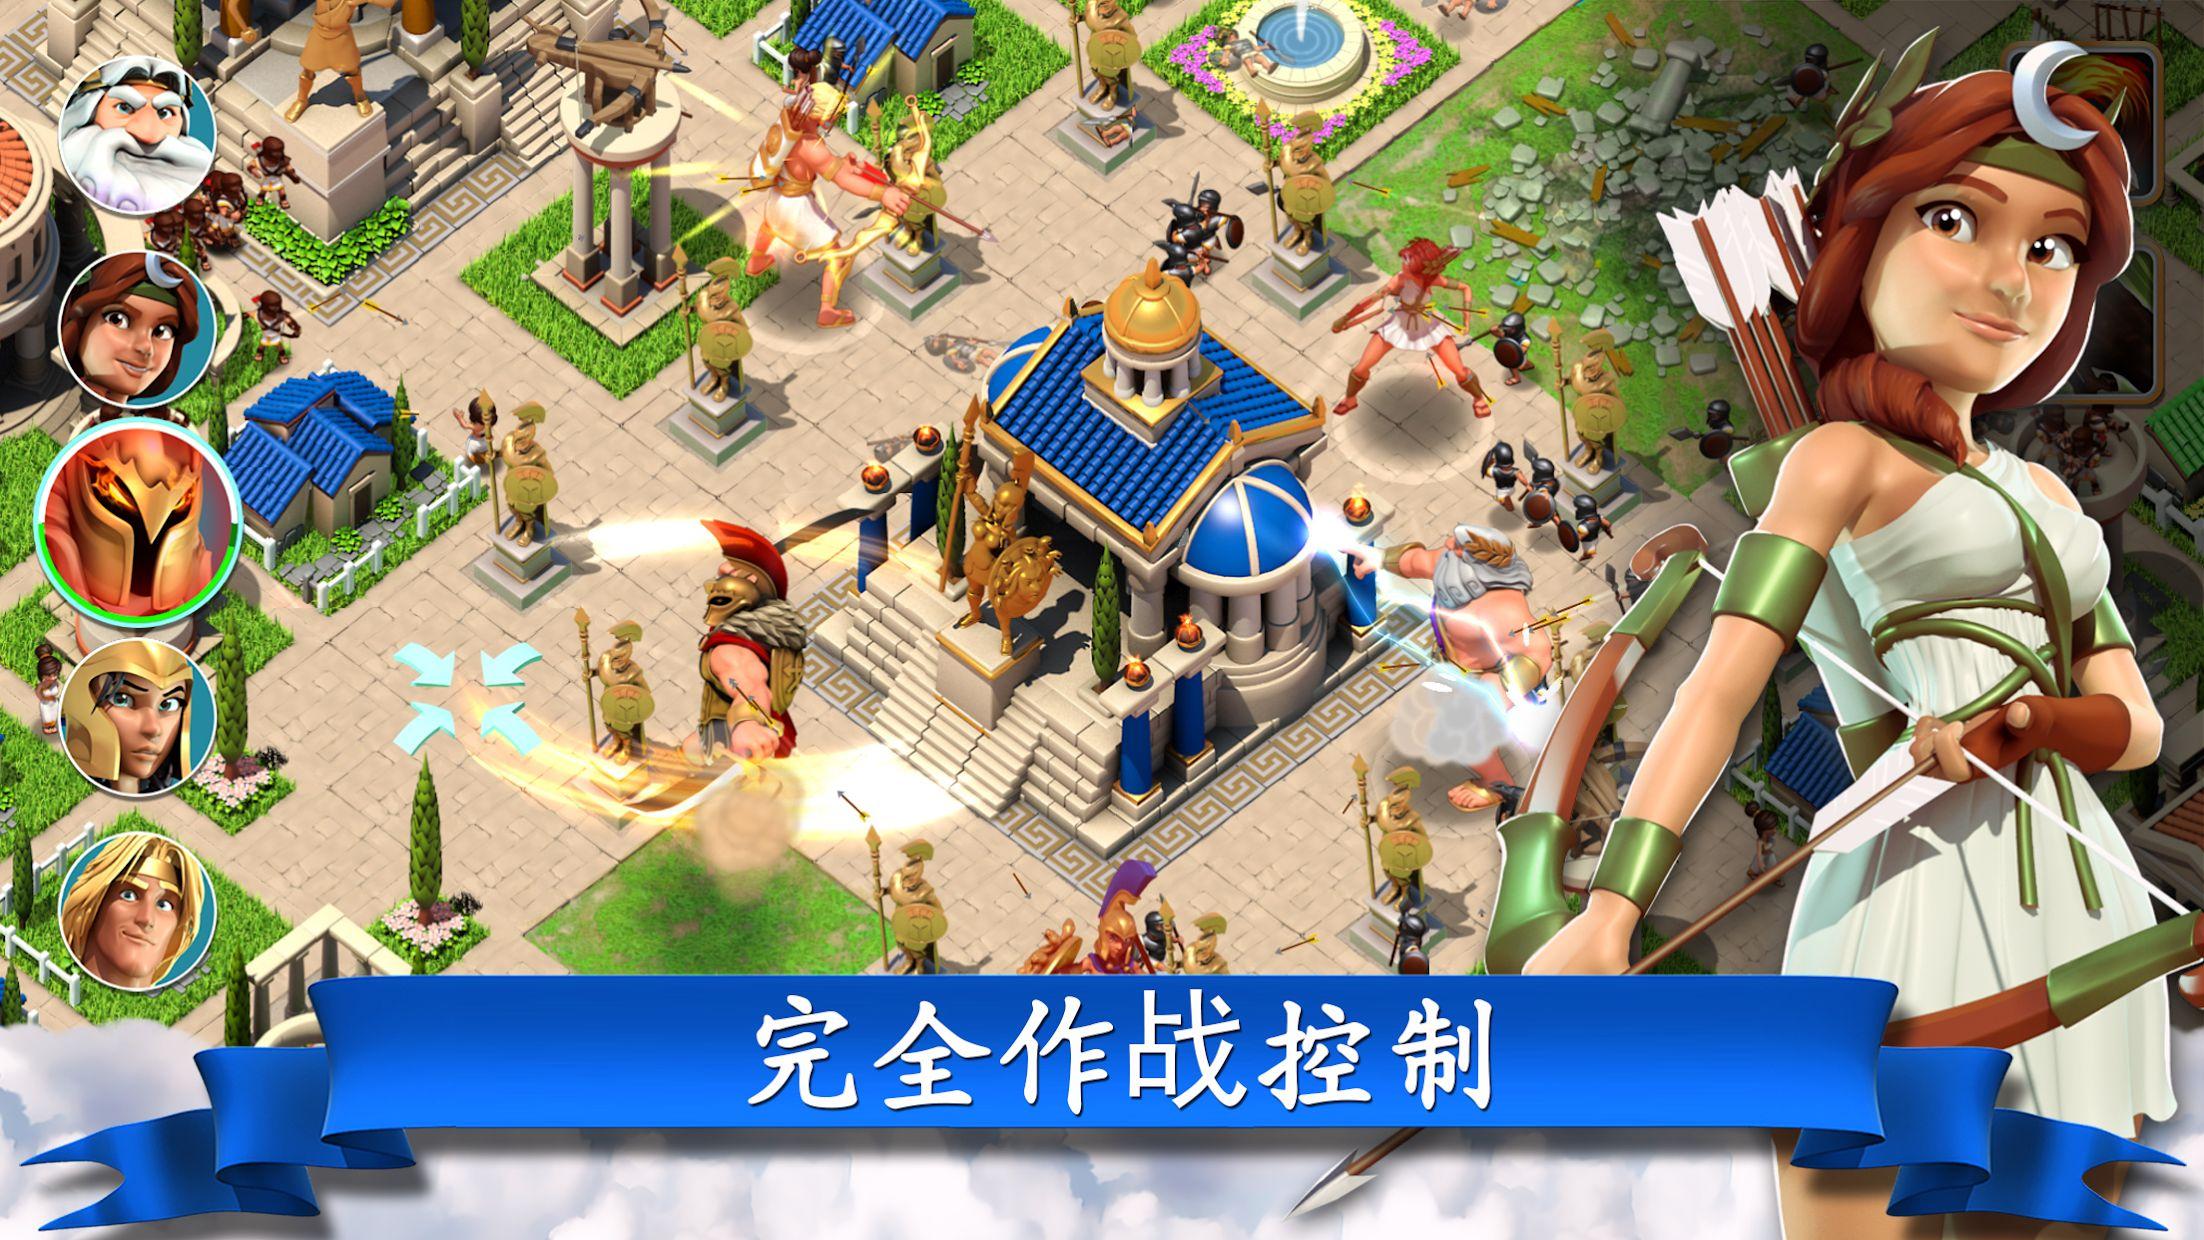 奥林匹斯众神 (Gods of Olympus) 游戏截图2